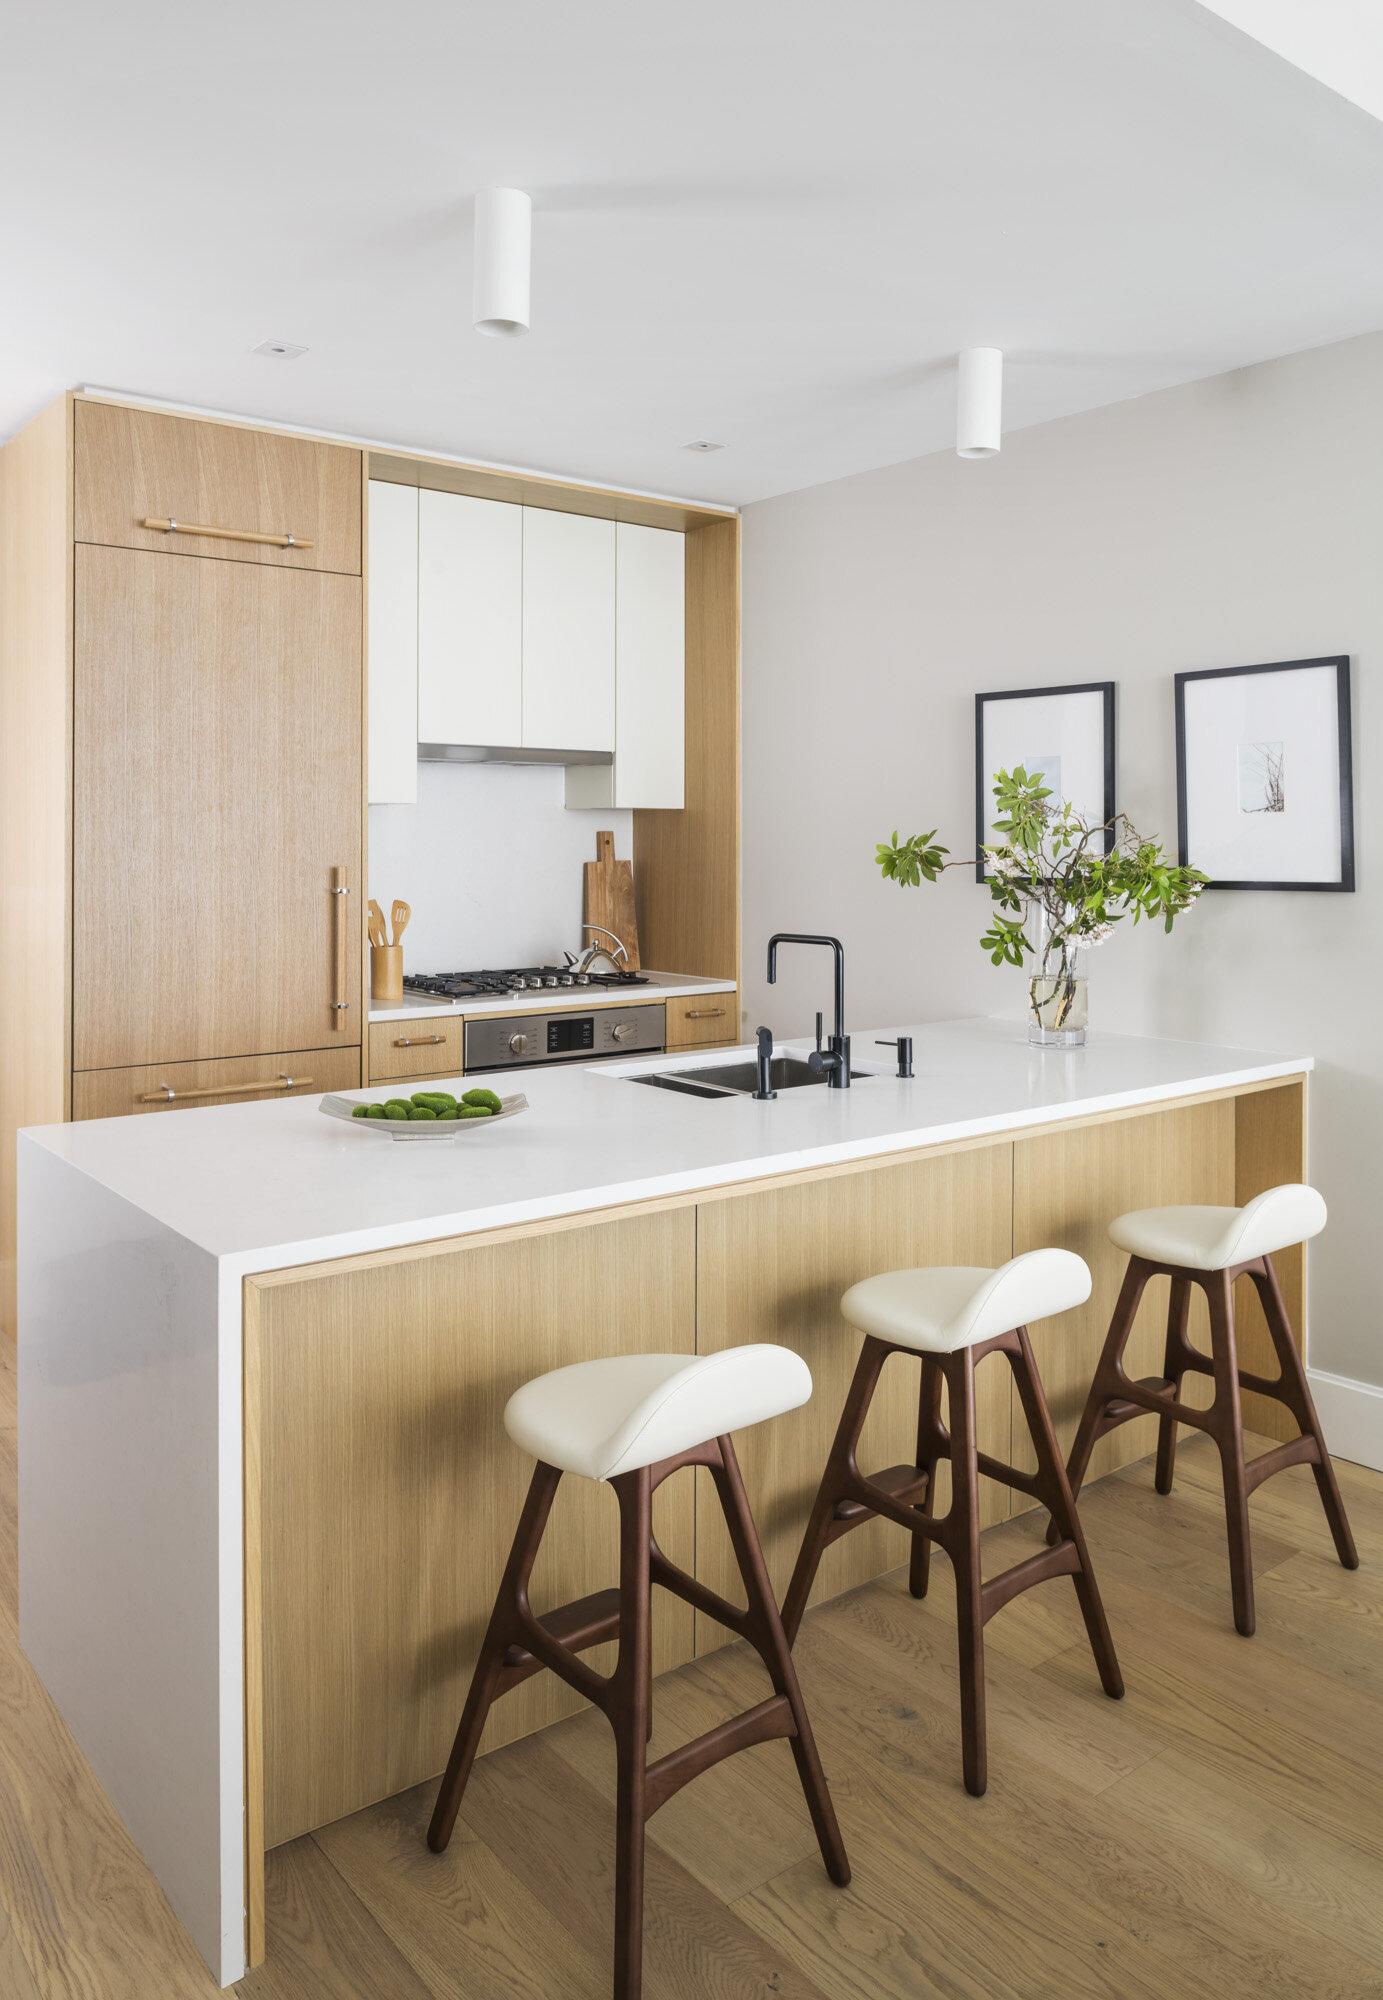 Galerie 1 bedroom kitchen.jpg